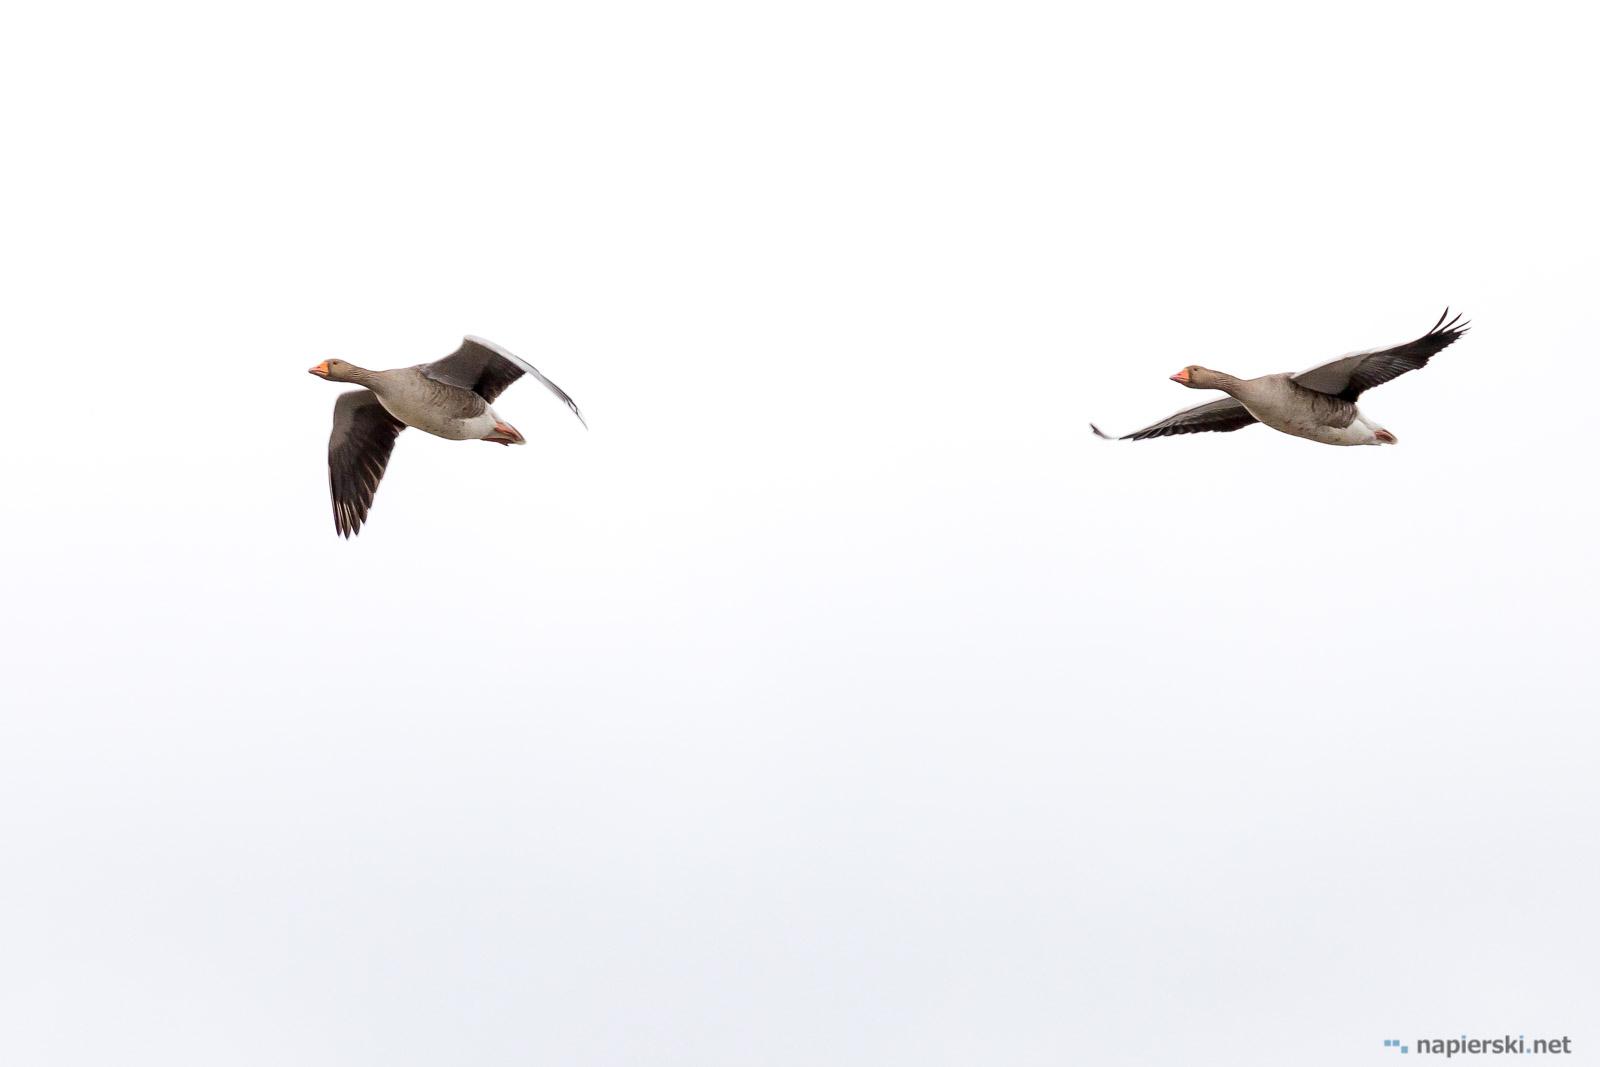 March 2017, Rainham Marshes, Purfleet, UK